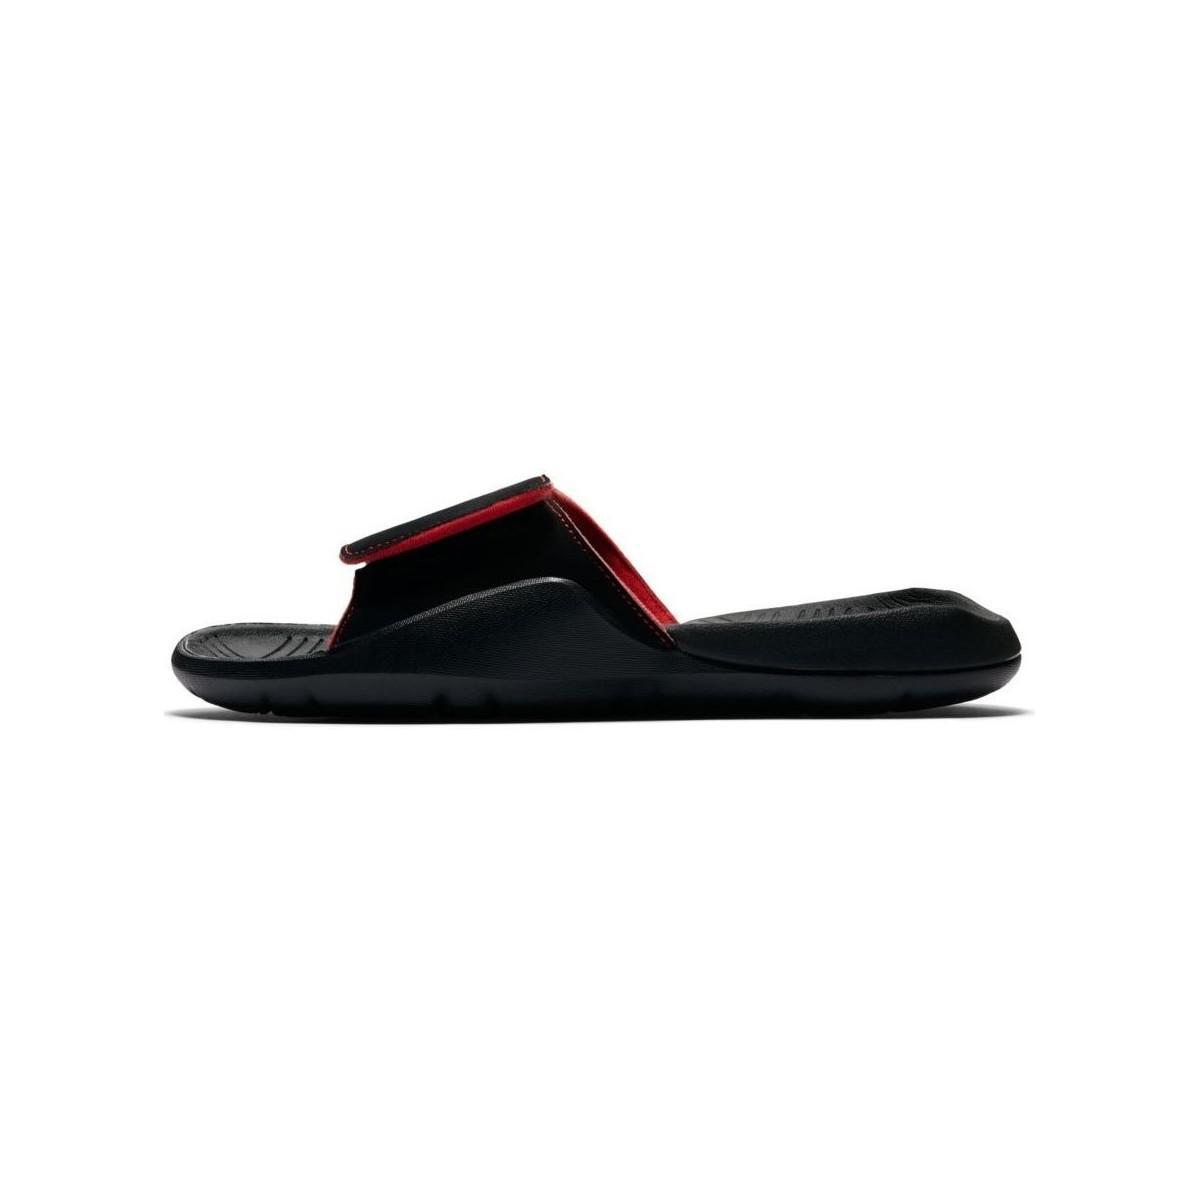 new product 5101a b1510 Nike - Air Jordan Hydro 7 Men s In Black for Men - Lyst. View fullscreen